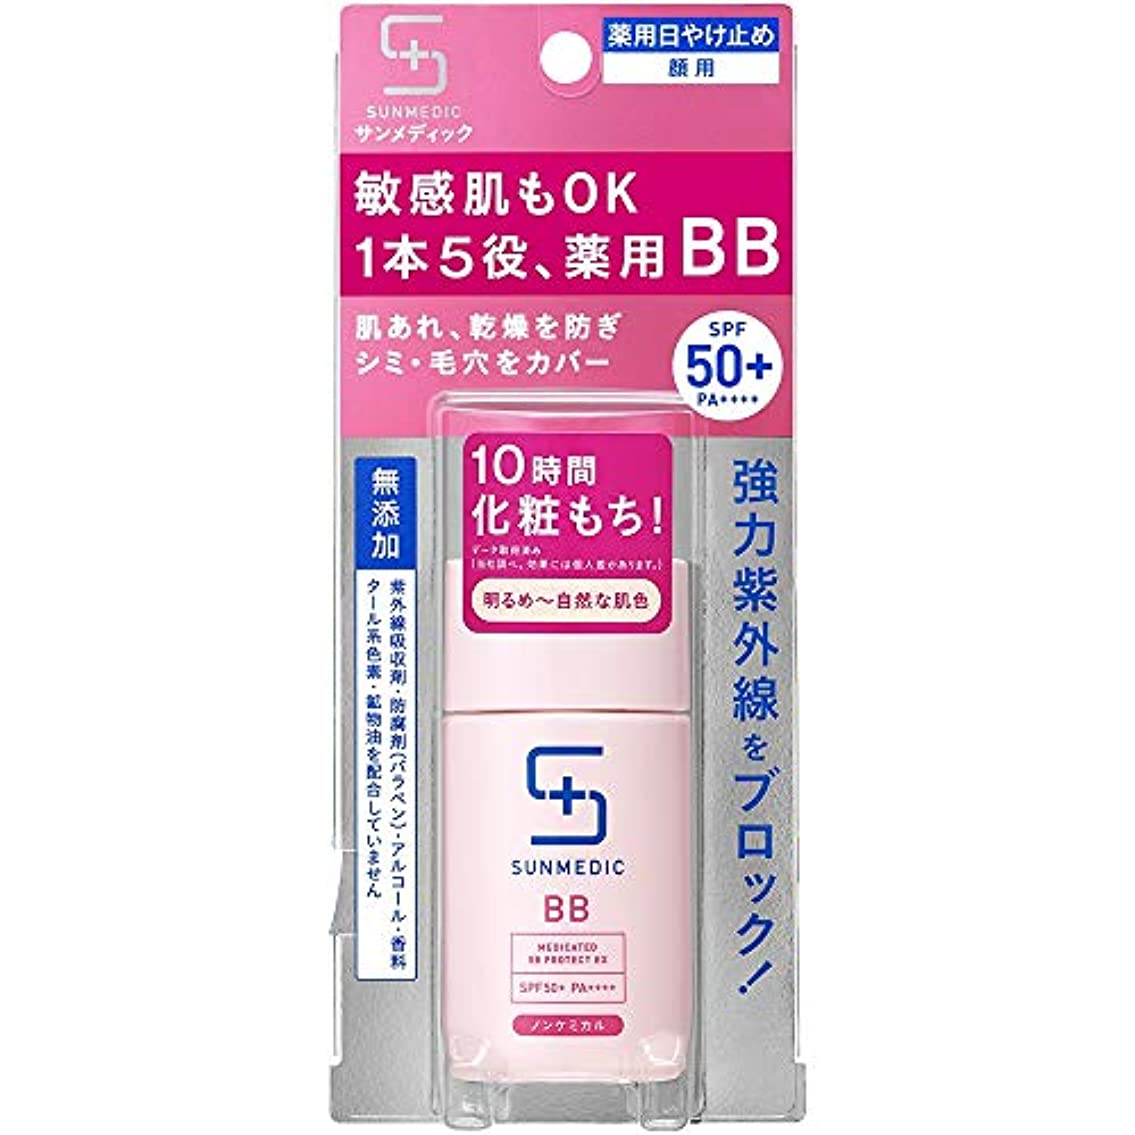 解き明かすアーク中央値サンメディックUV 薬用BBプロテクトEX ライト 30ml (医薬部外品)